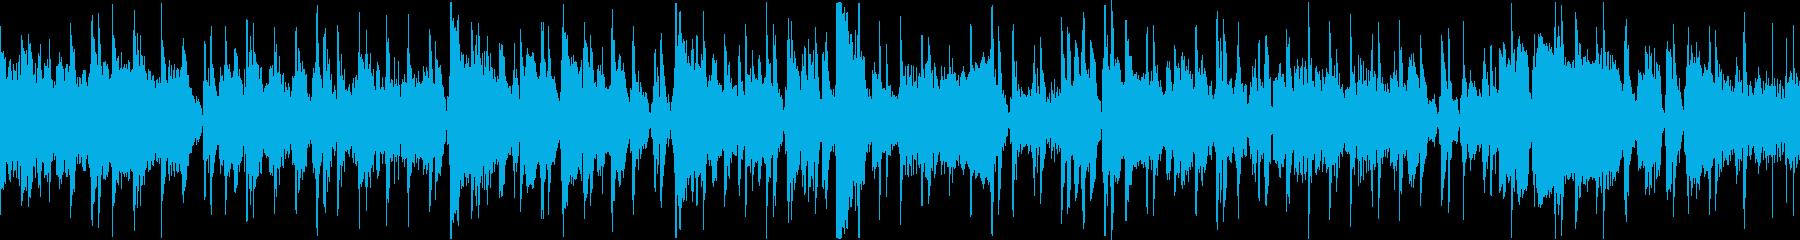 ソロトランペットが印象的なジャズトラックの再生済みの波形